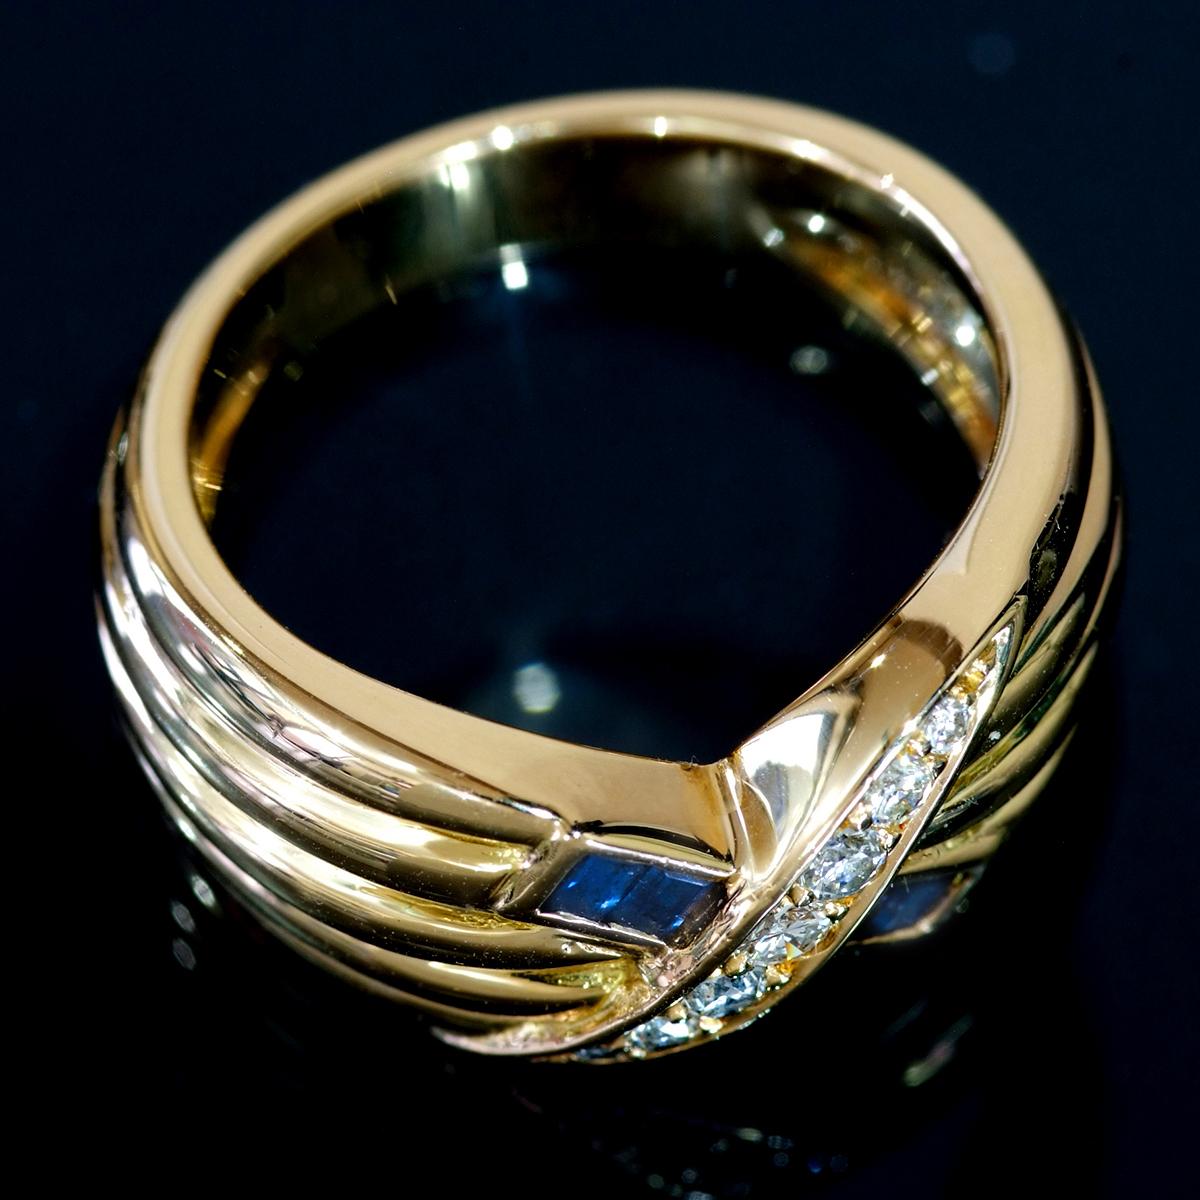 E8196【MAUBOUSSIN】モーブッサン 天然絶品ダイヤモンド7pcs サファイア4pcs 最高級18金無垢リング サイズ12.5号 重量10.9g 縦幅9.8mm_画像2